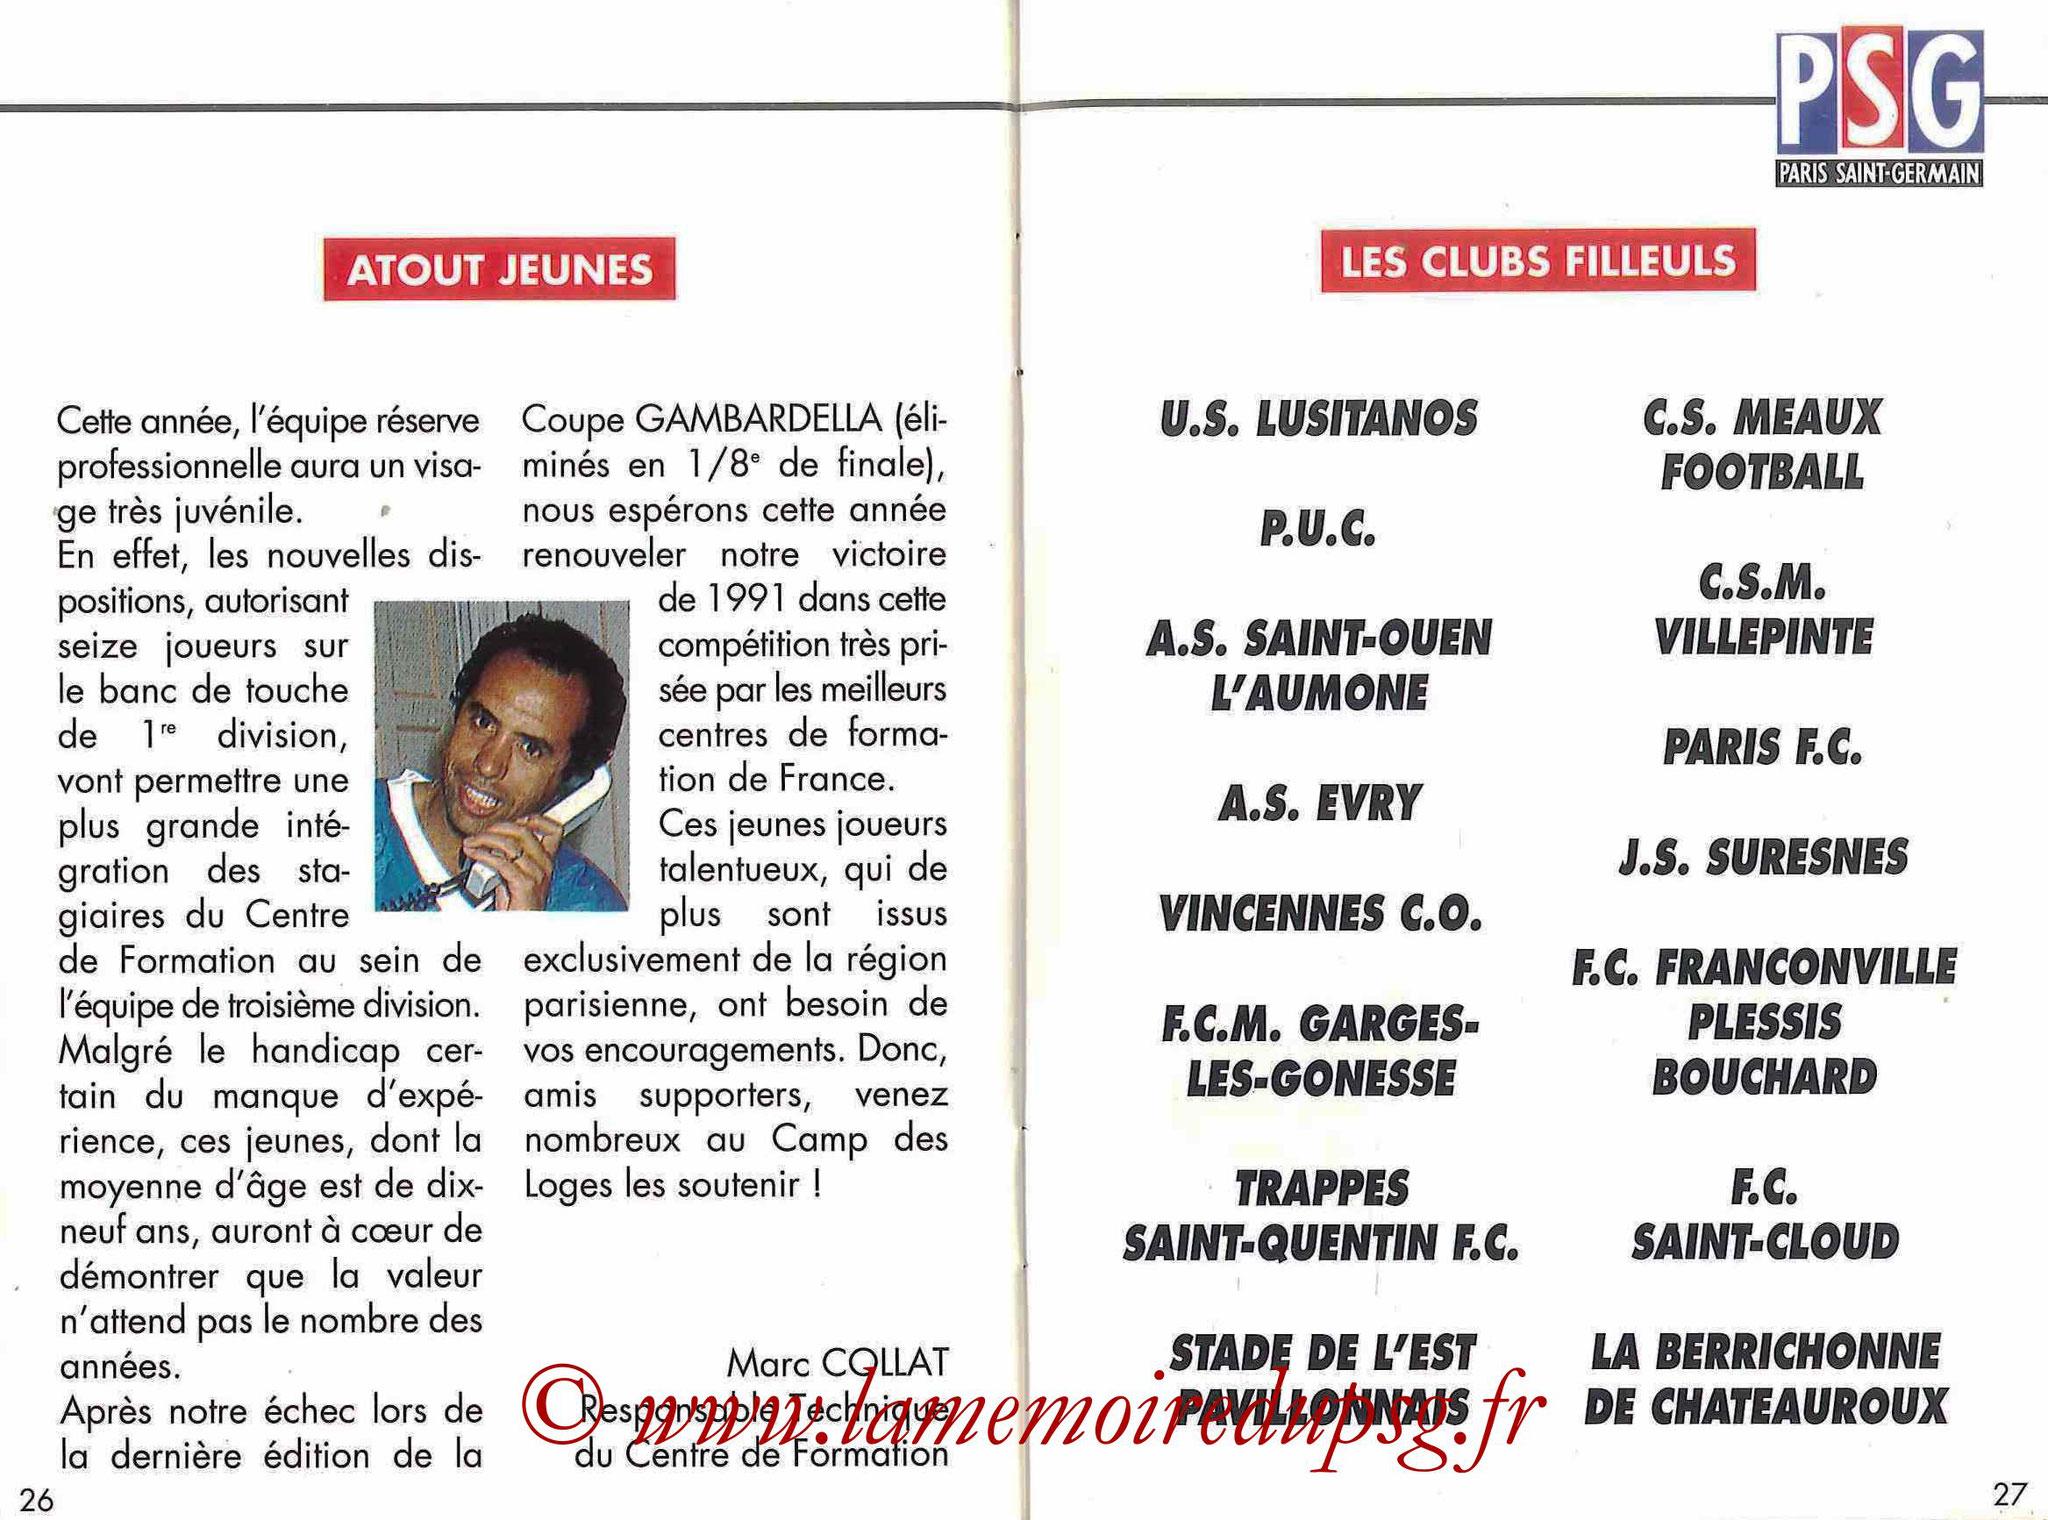 1992-93 - Guide de la Saison PSG - Pages 26 et 27